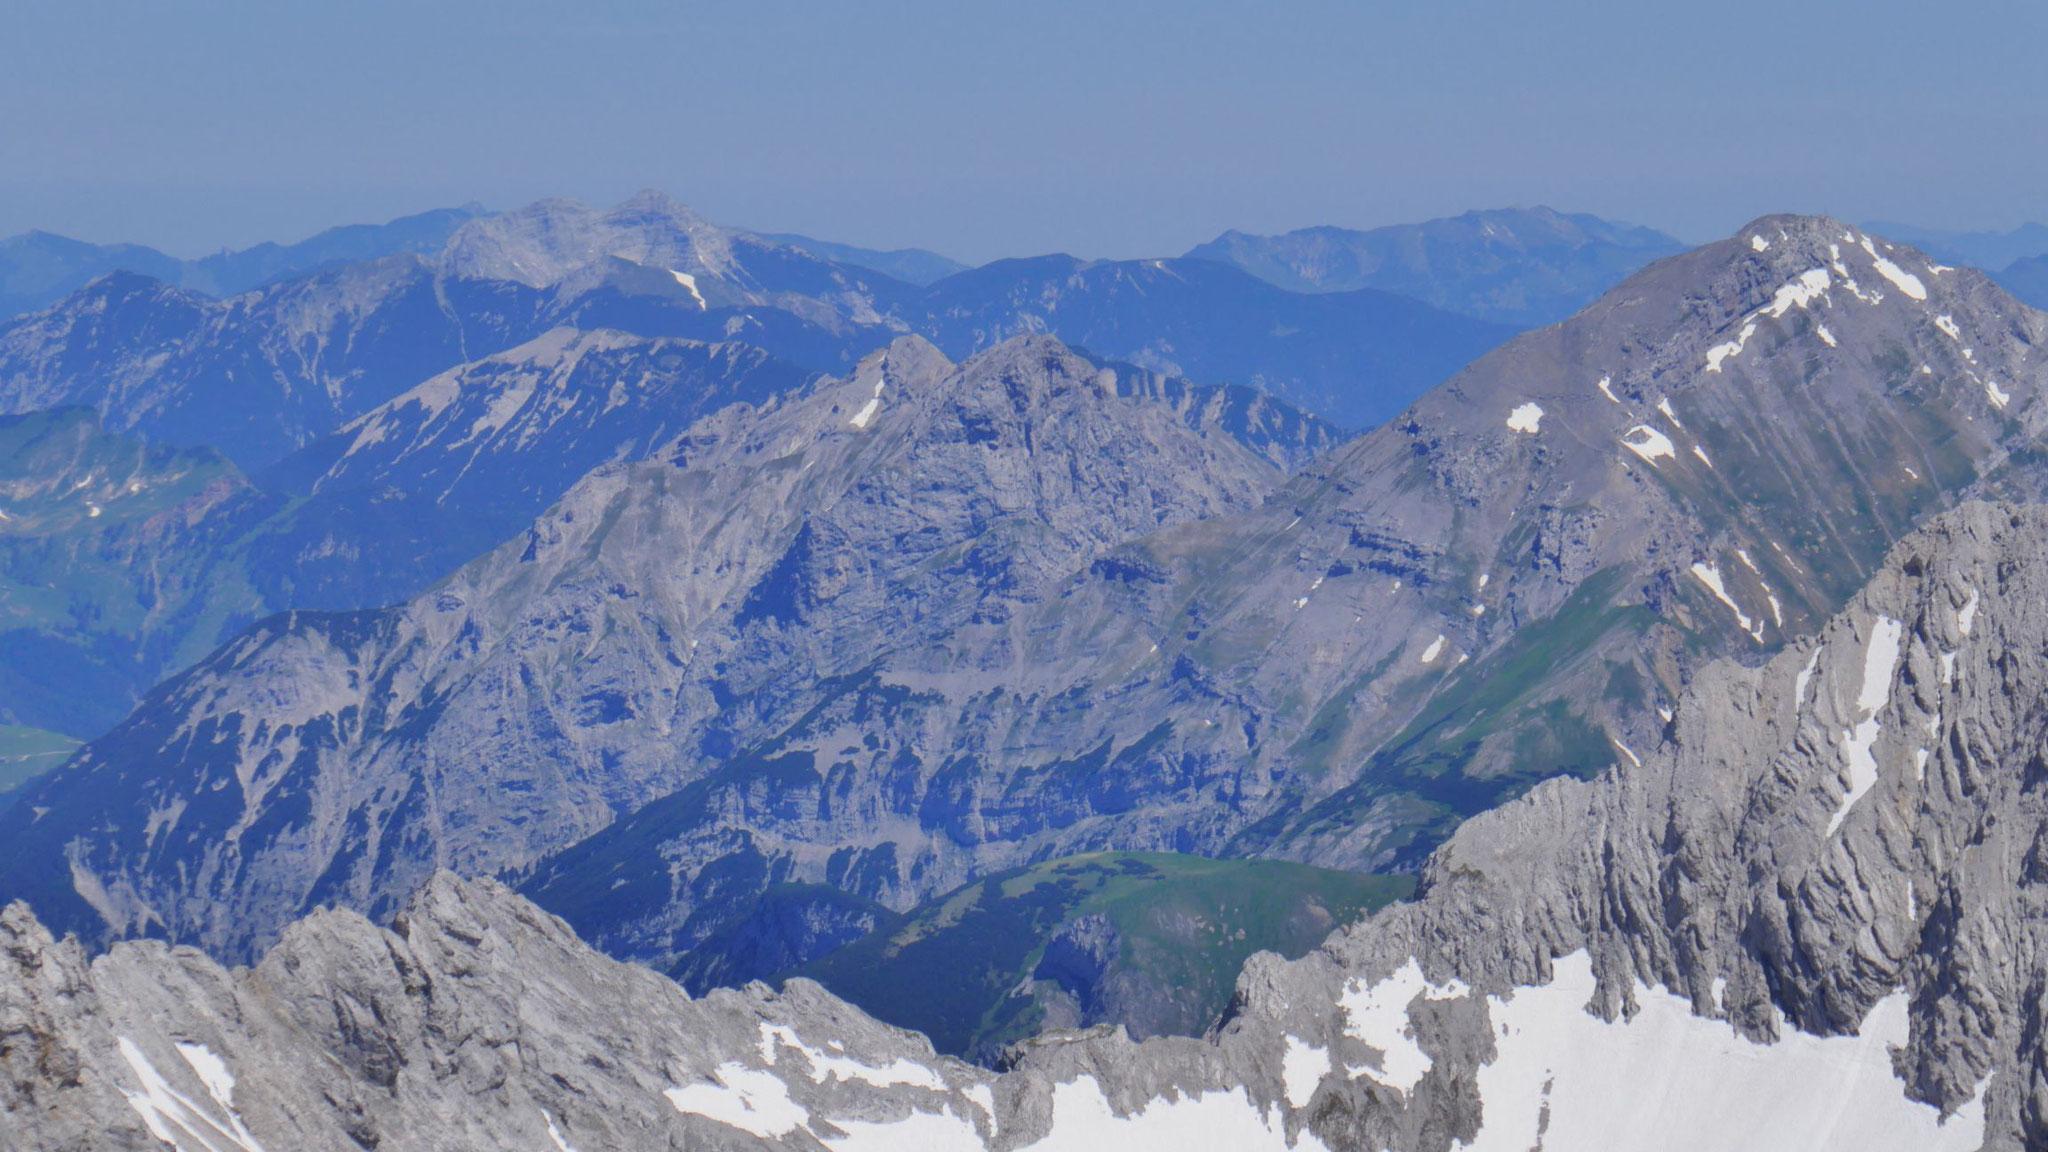 Sonnjoch, Schaufelspitze, Bettlerkarspitze, Guffert (v.r.n.l.)